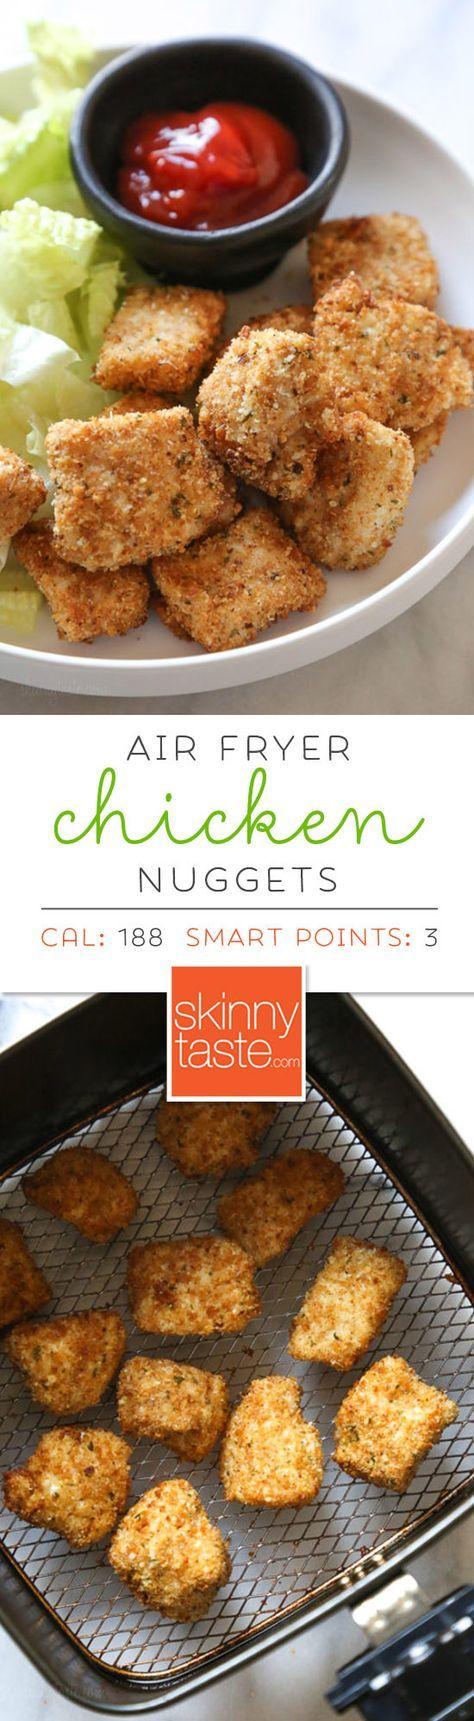 Air Fryer Chicken Nugget Recipe | Skinnytaste